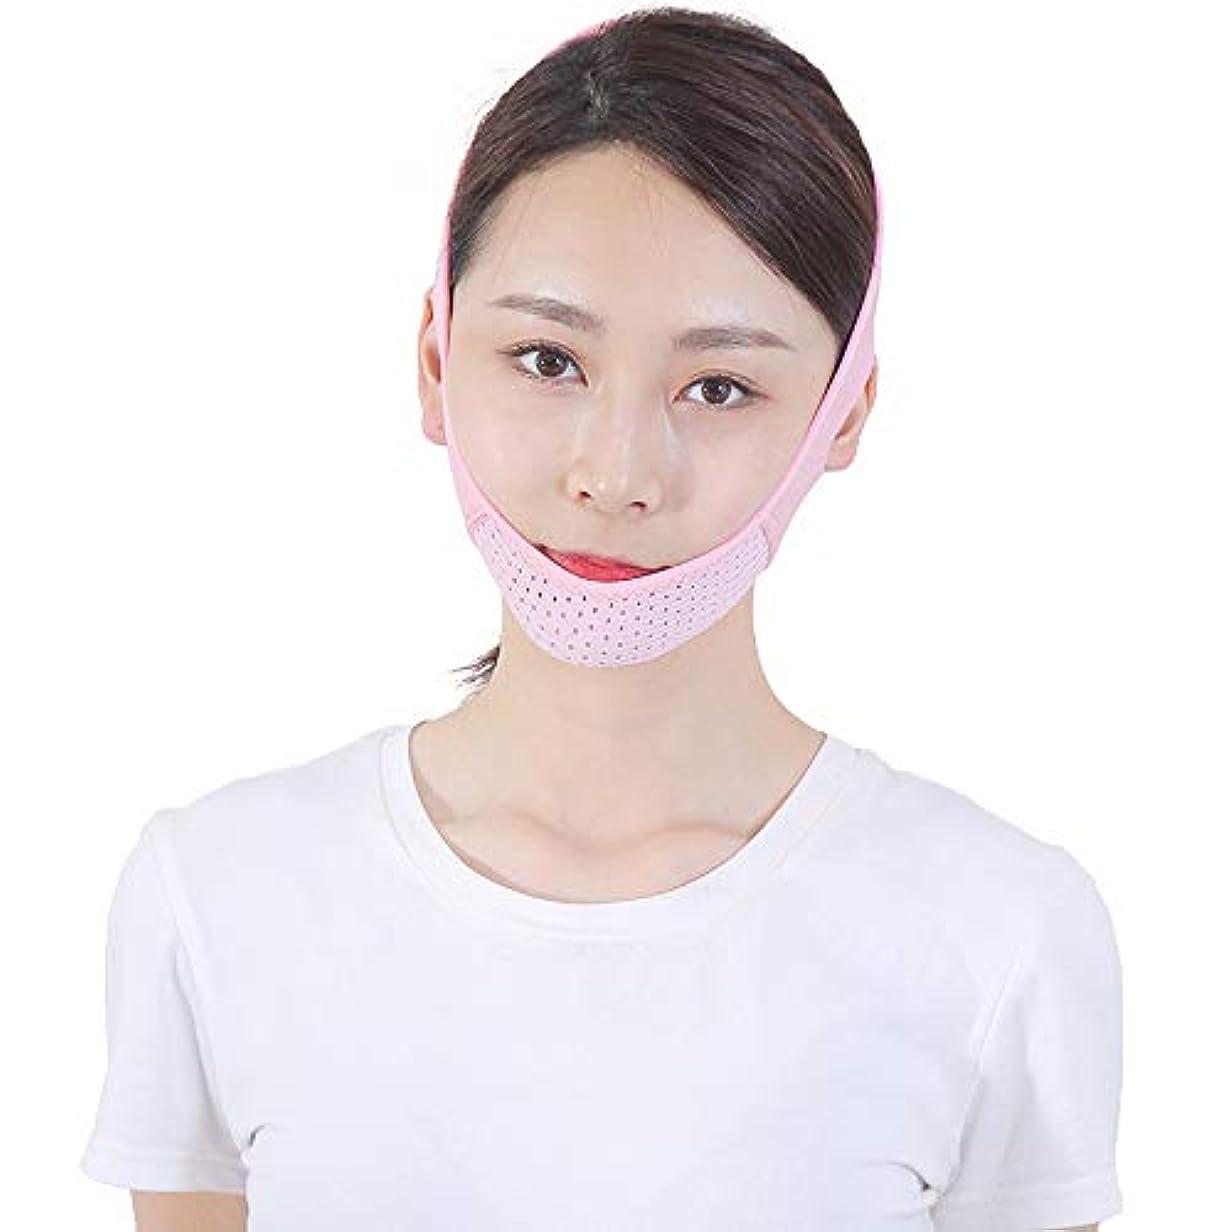 グラフメタン泣いているJia Jia- フェイシャルリフティング痩身ベルトフェイススリムゲットダブルチンアンチエイジングリンクルフェイスバンデージマスクシェイピングマスク顔を引き締めるダブルチンワークアウト 顔面包帯